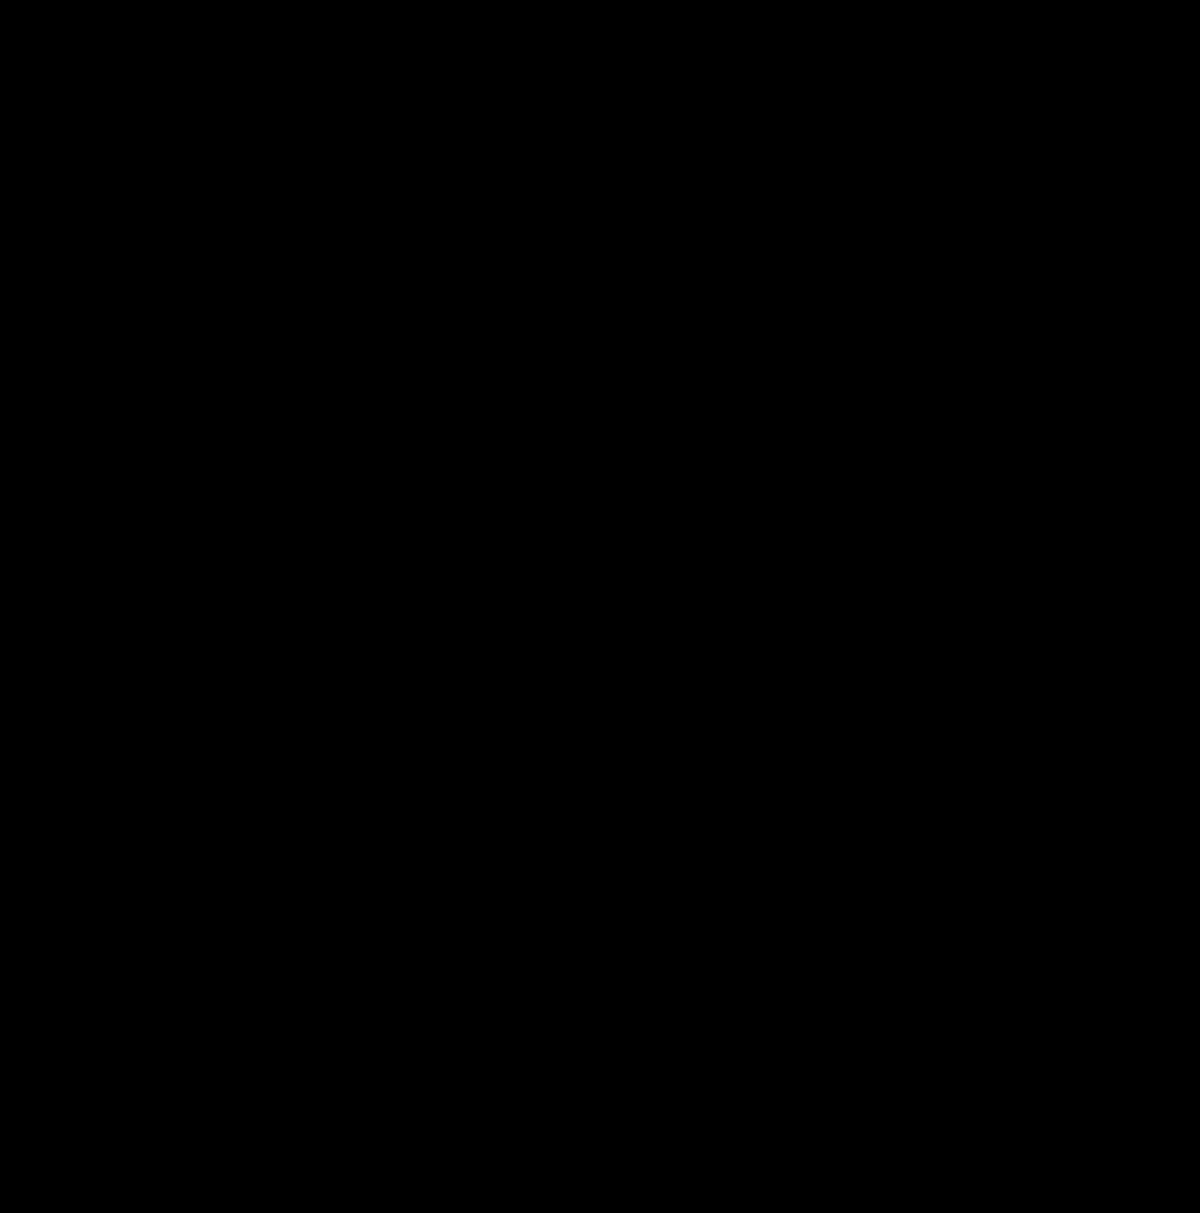 screen-shot-2020-04-24-at-5.31.01-am